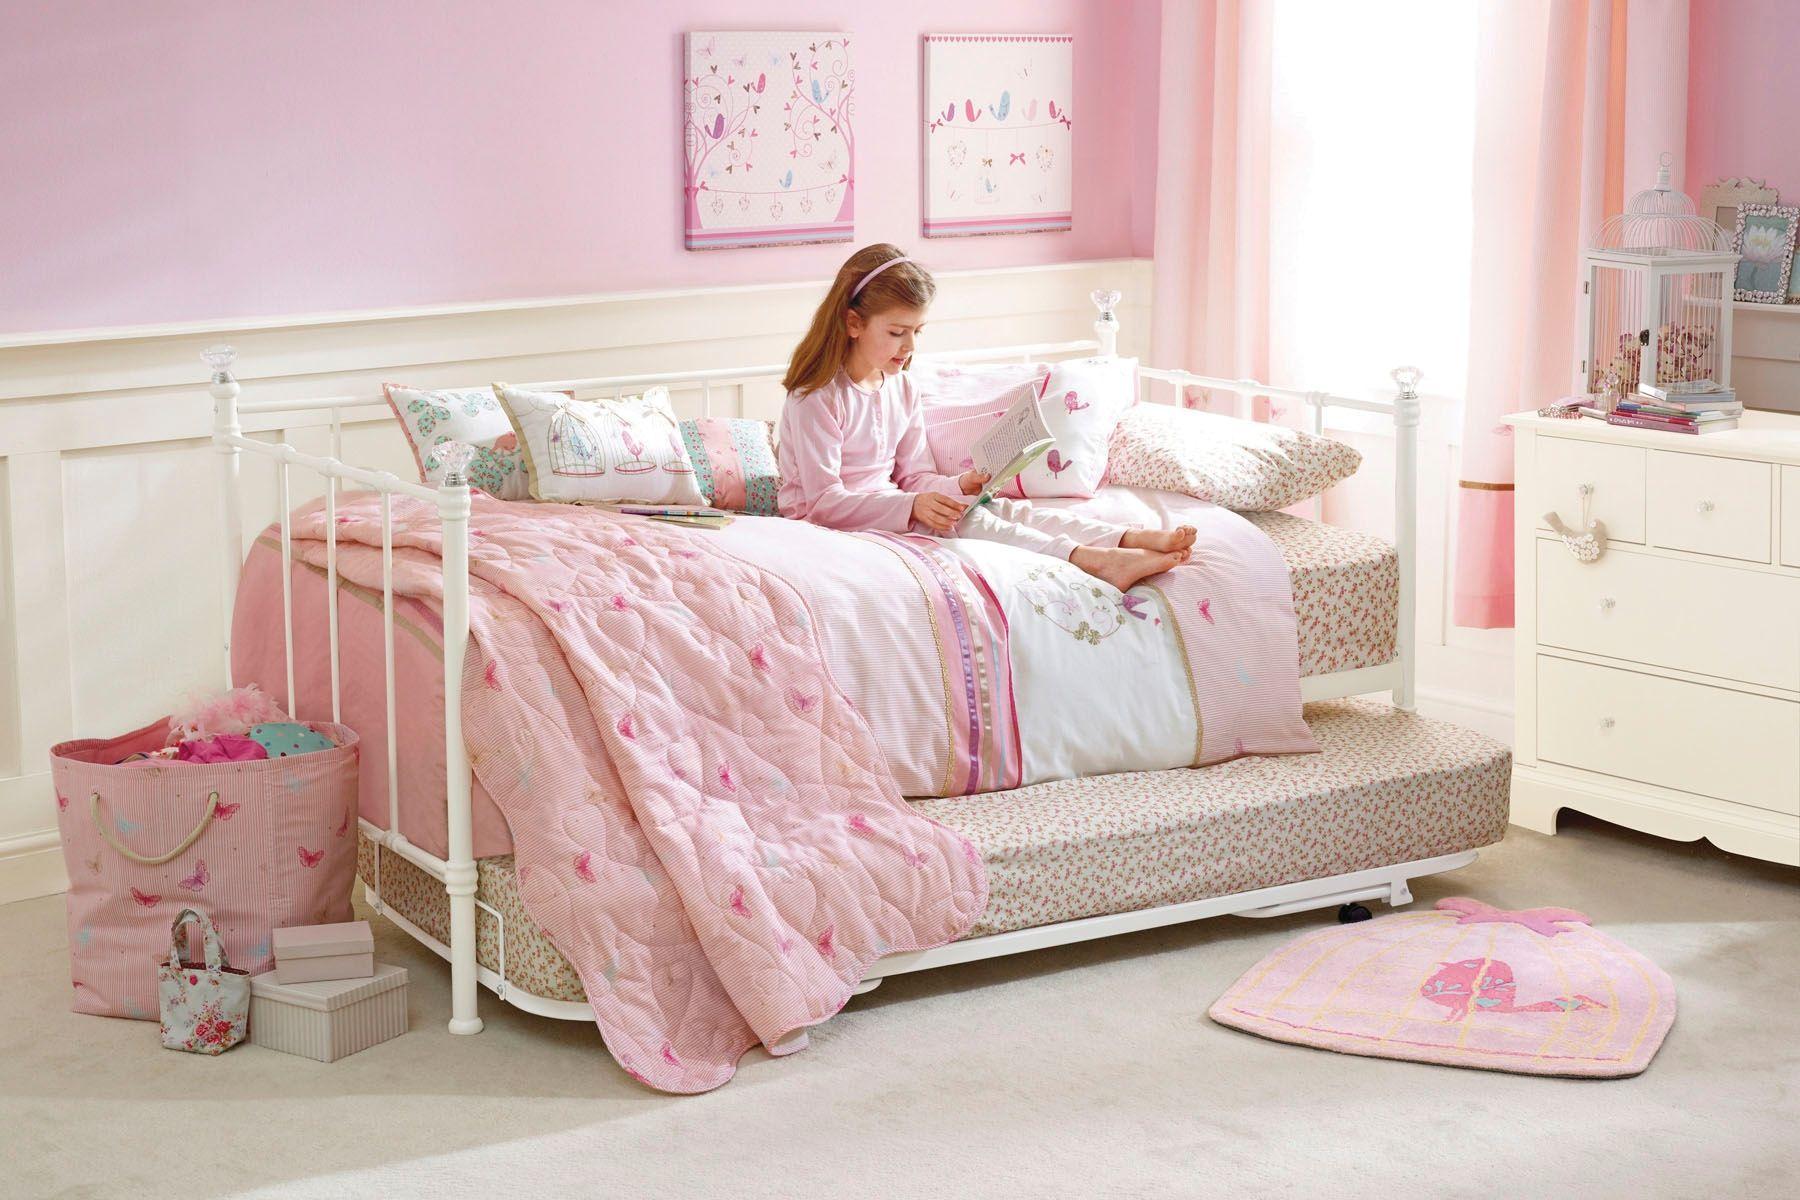 Удобная мягкая кровать в комнате для девочки